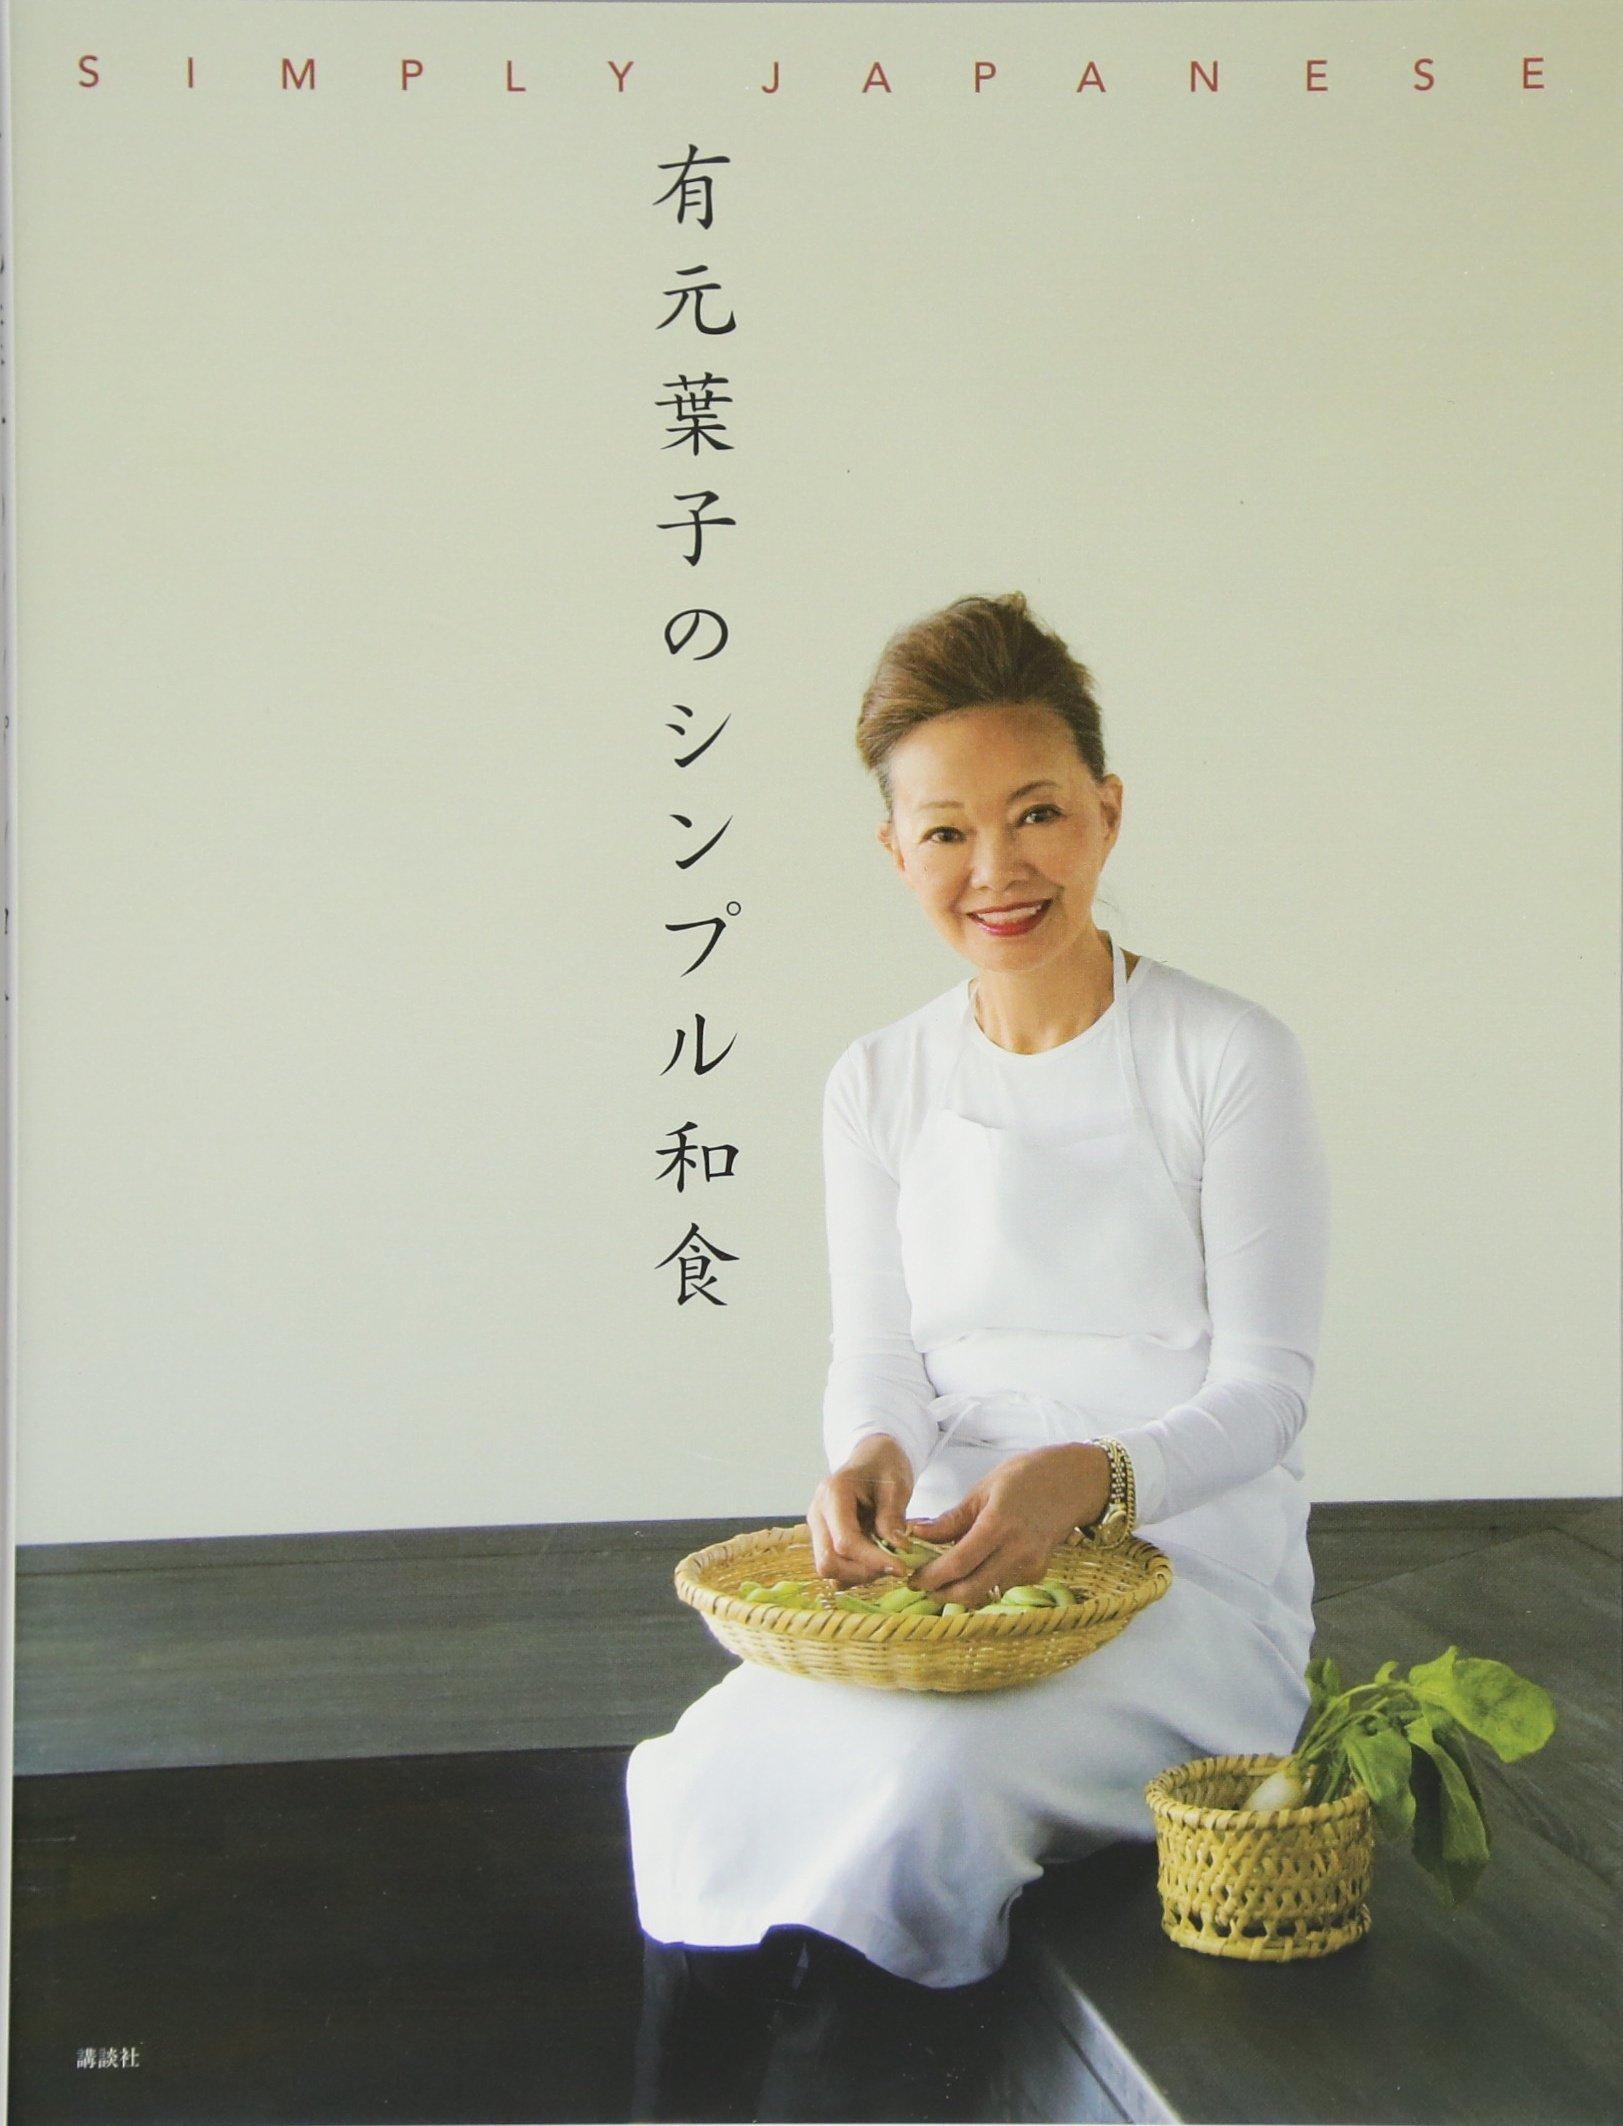 Download Arimoto yōko no shinpuru washoku = SIMPLY JAPANESE : Nihongoban ebook